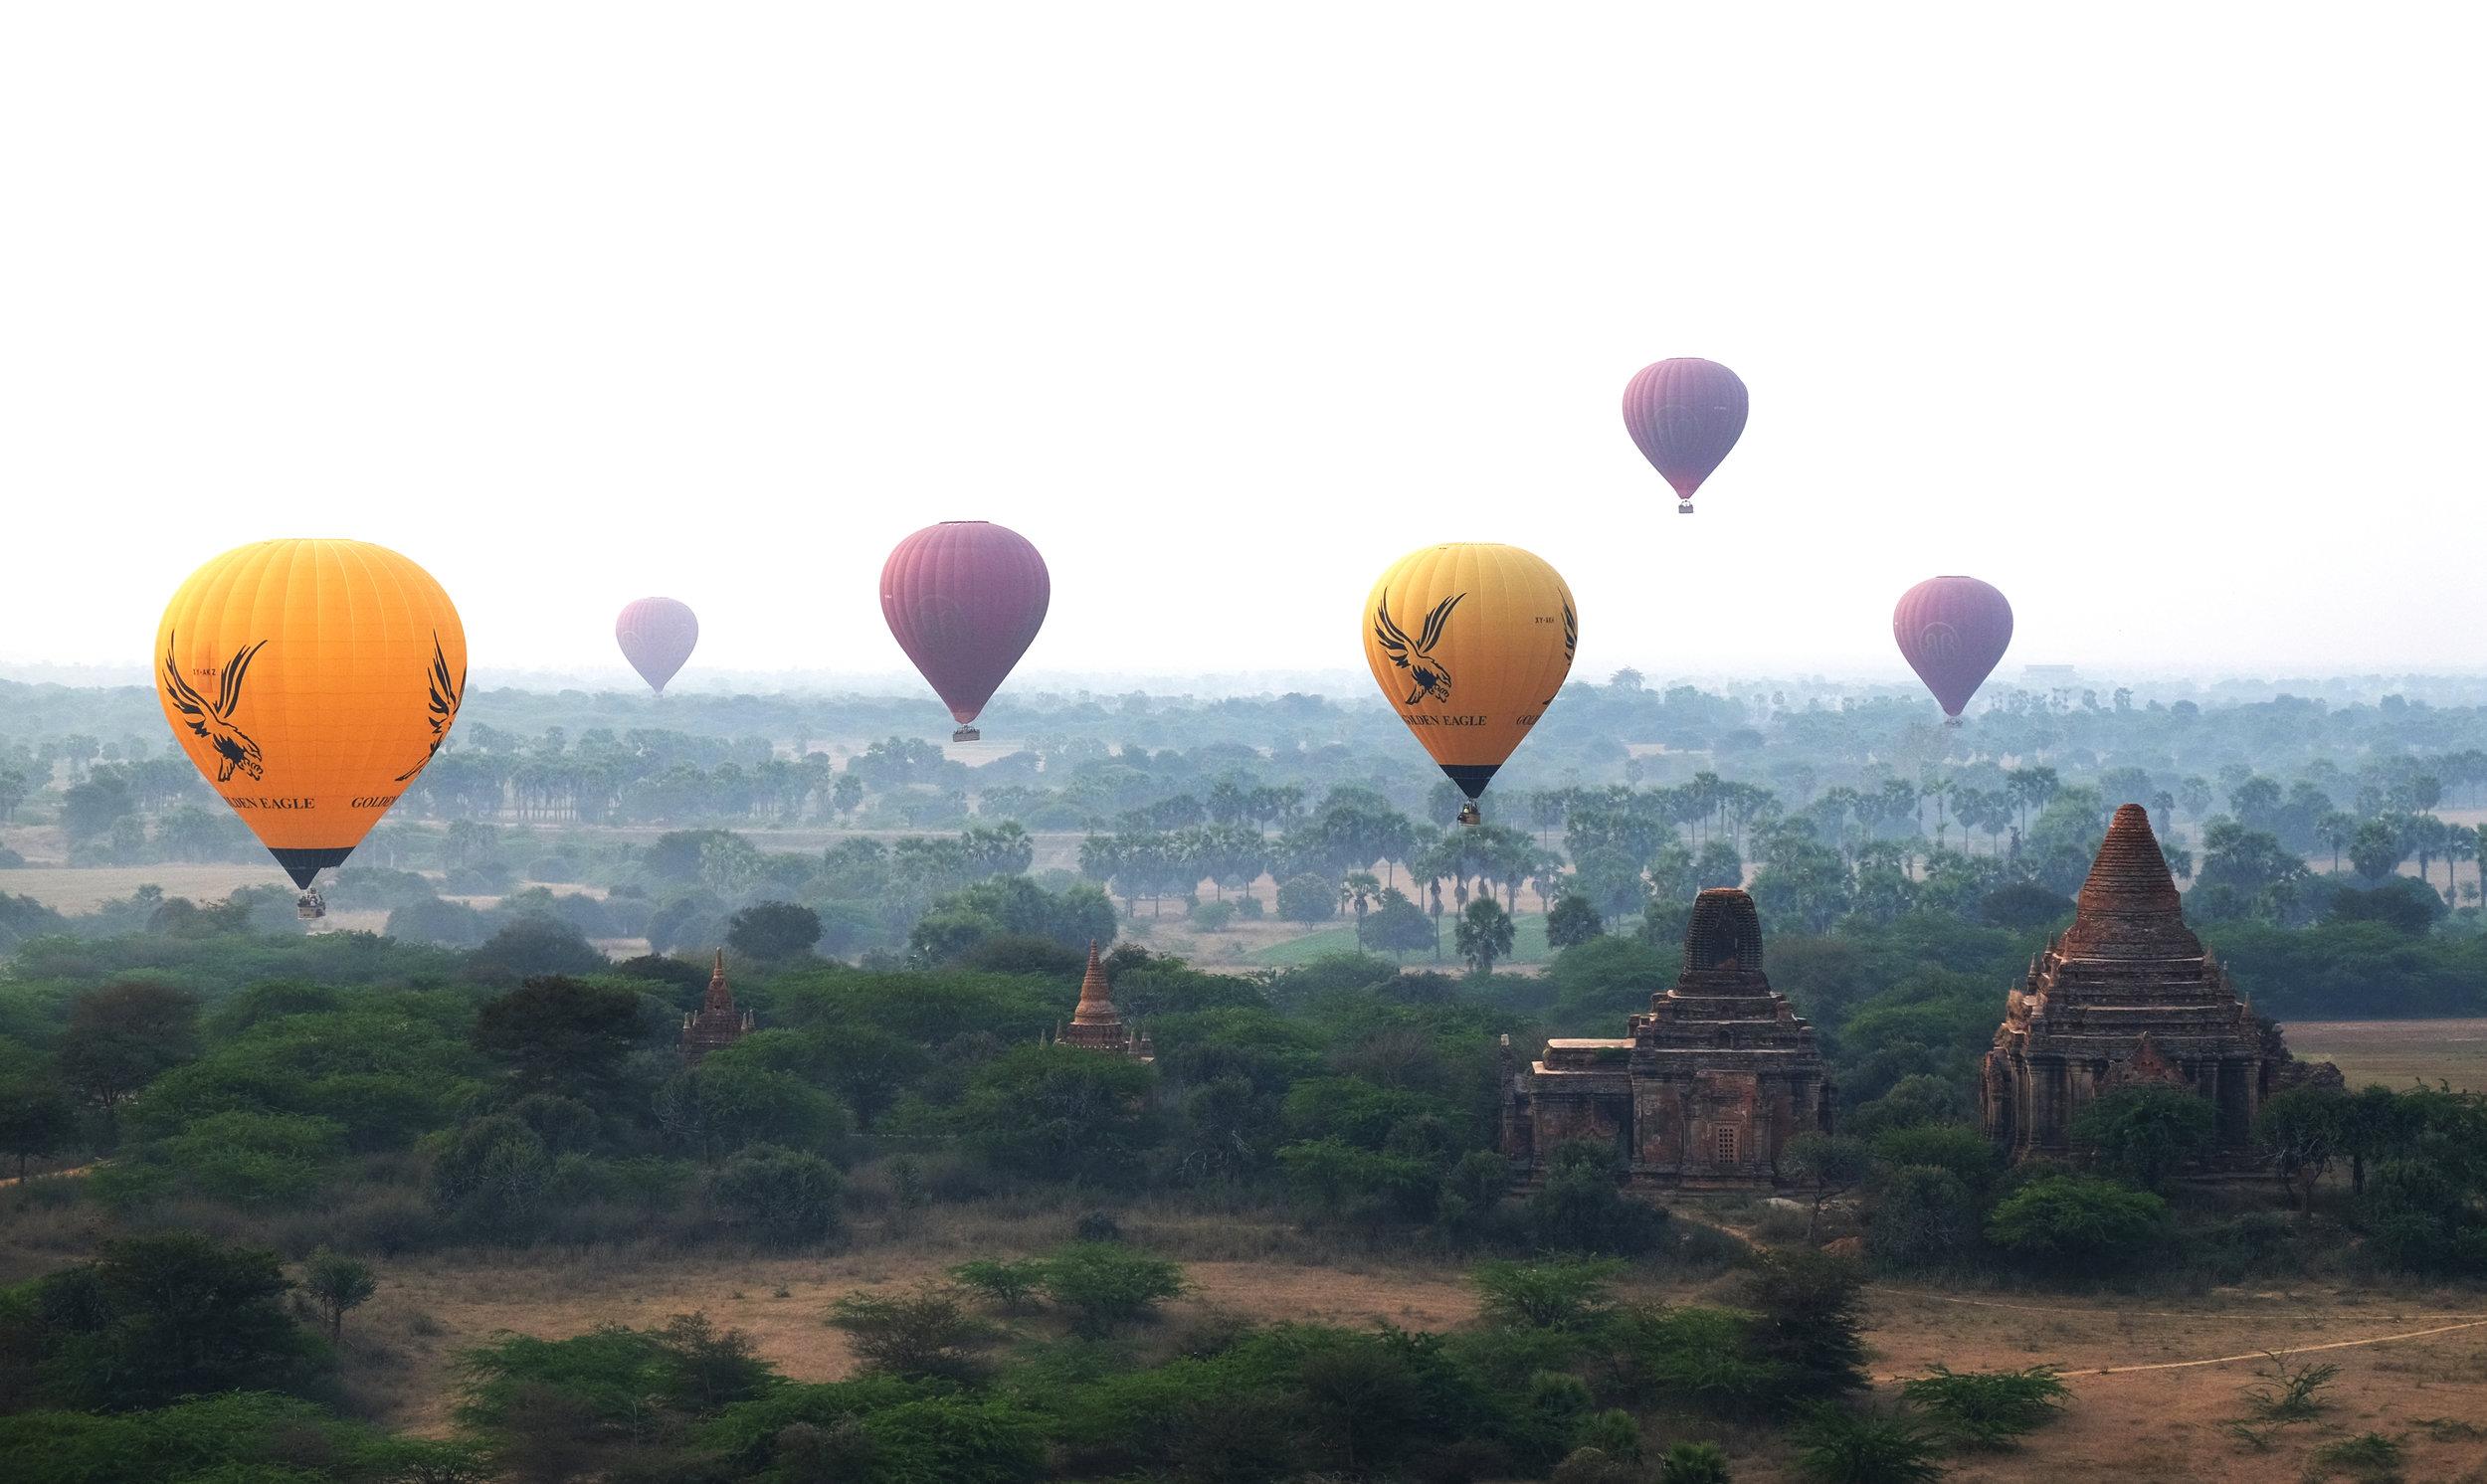 Hot air balloons passing over ruins at Bagan